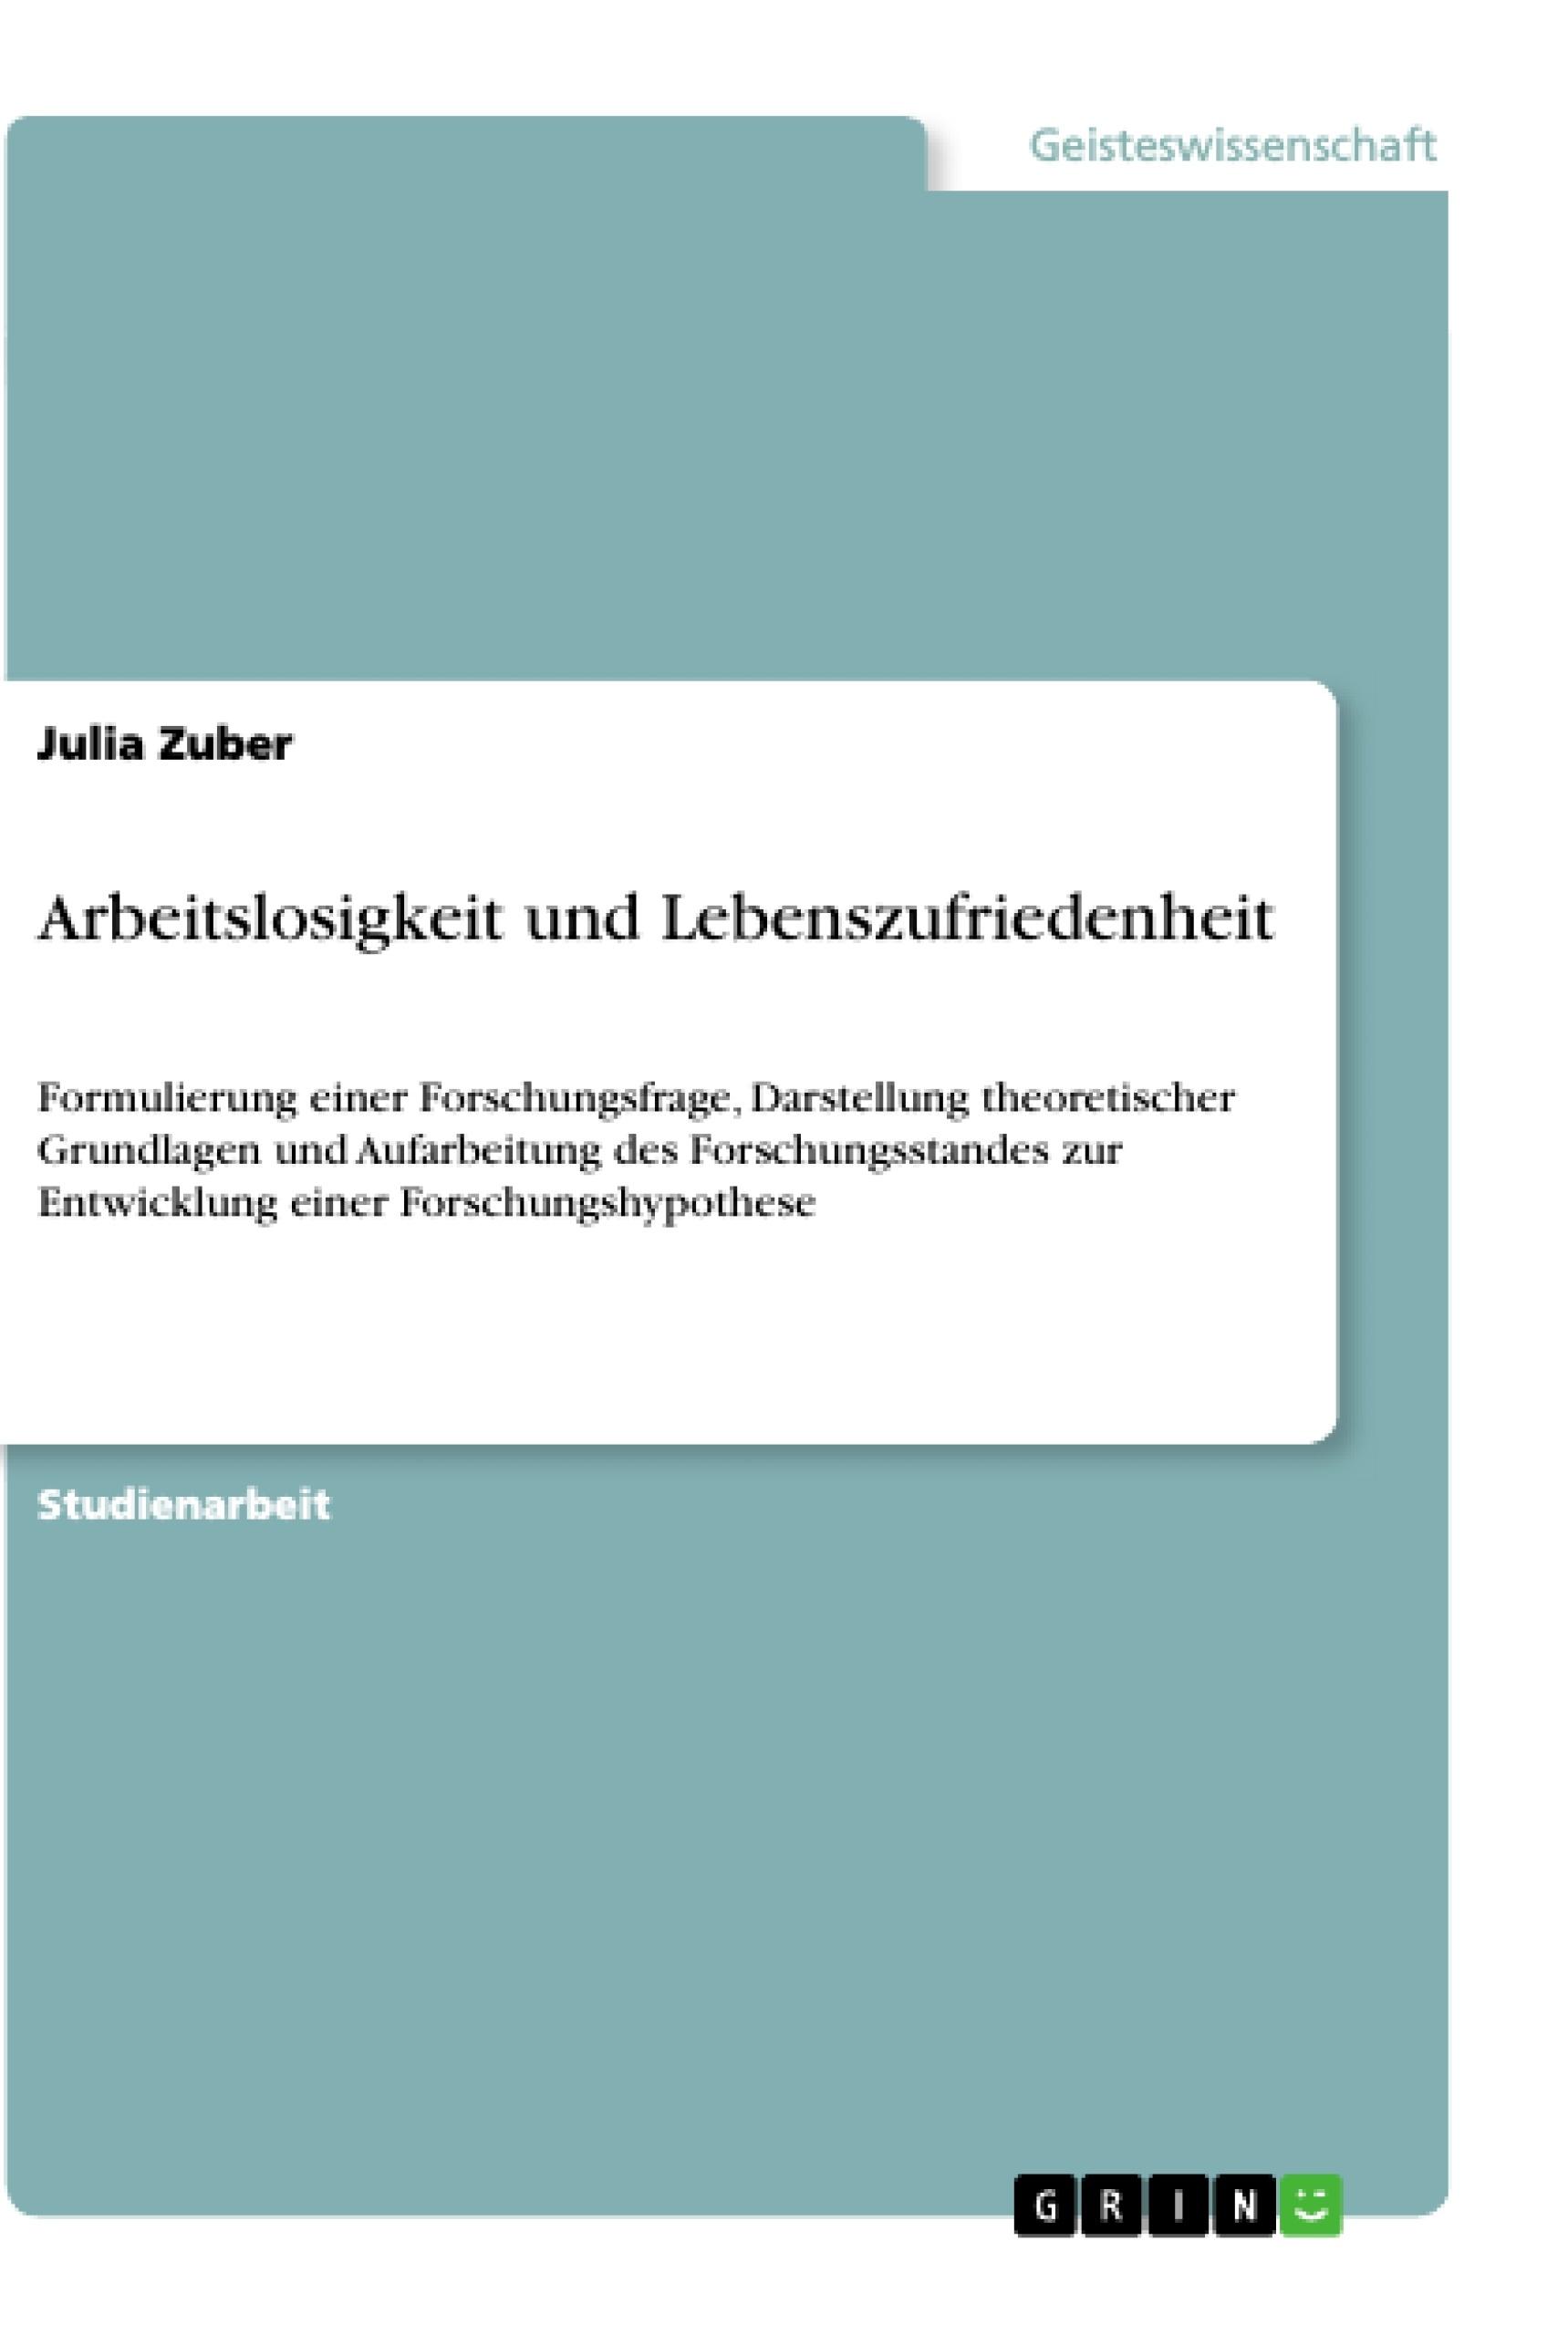 Titel: Arbeitslosigkeit und Lebenszufriedenheit